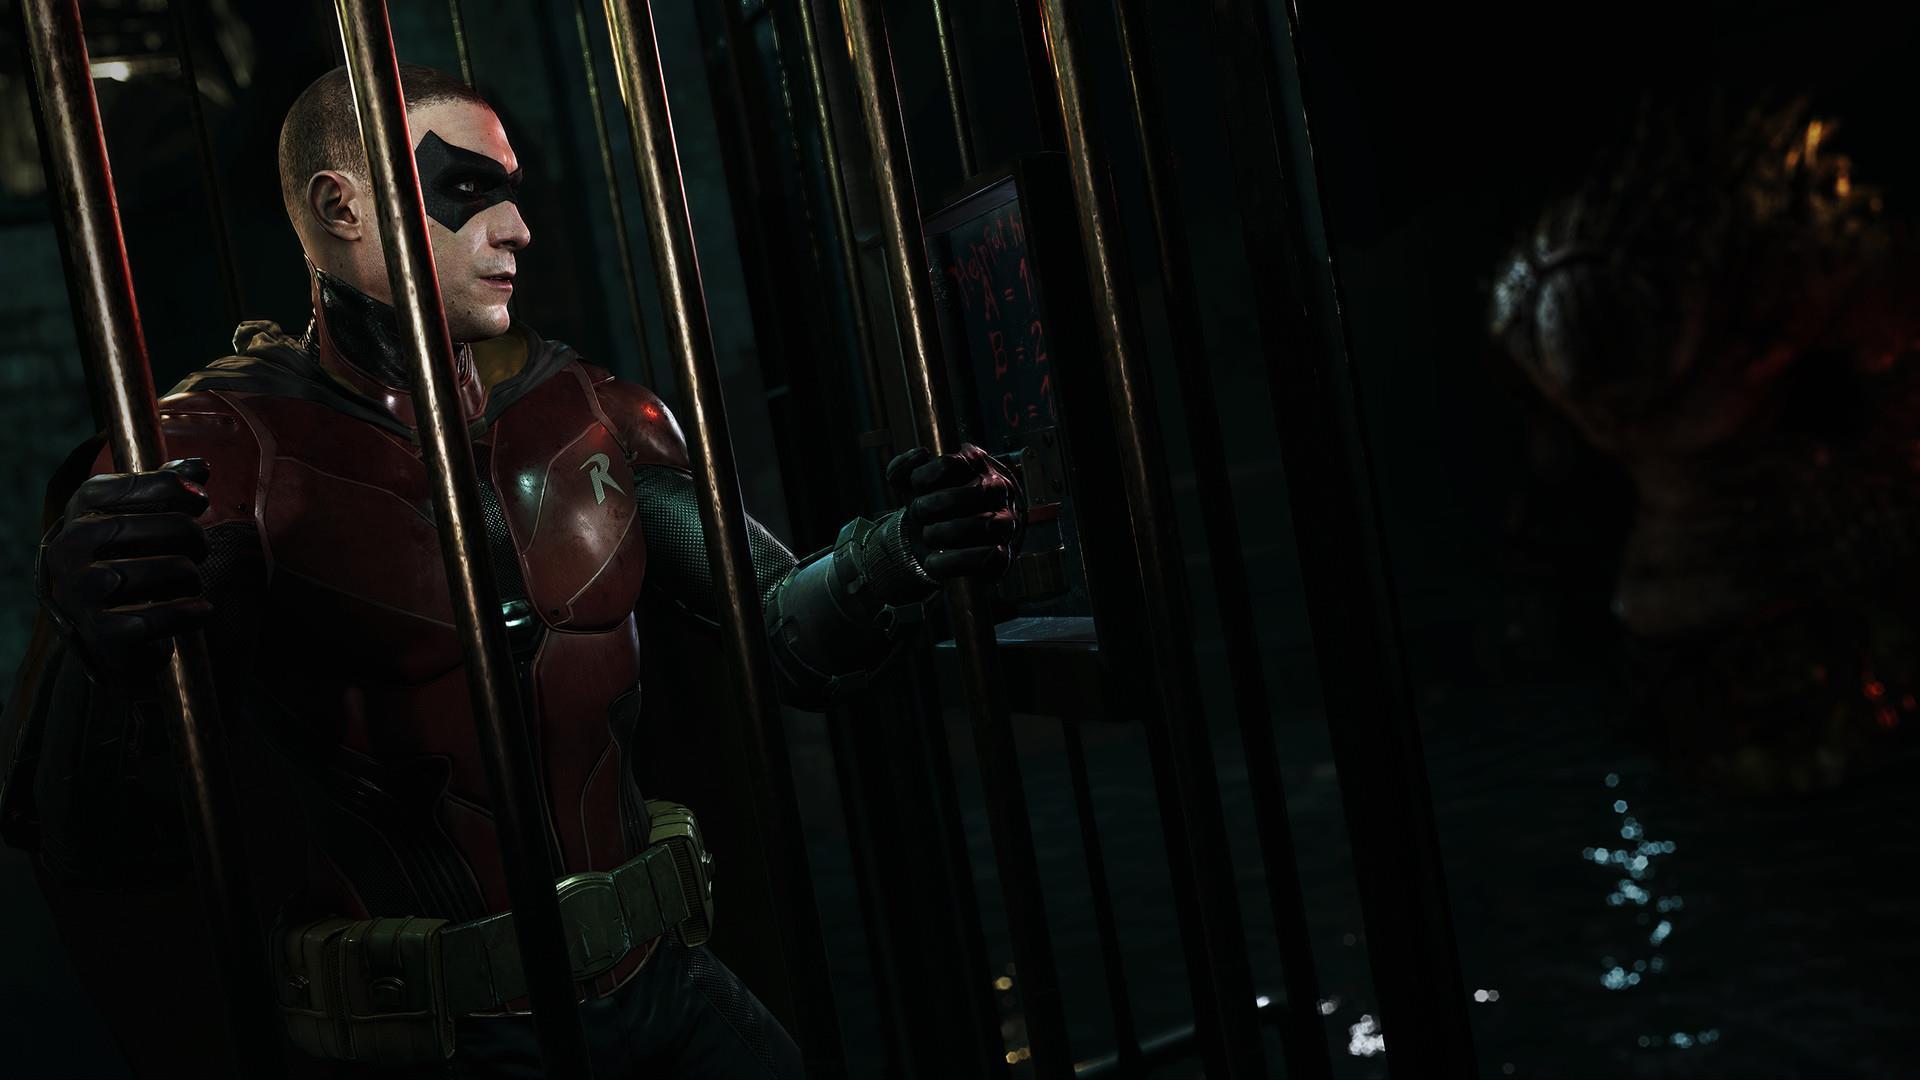 蝙蝠侠:阿卡姆